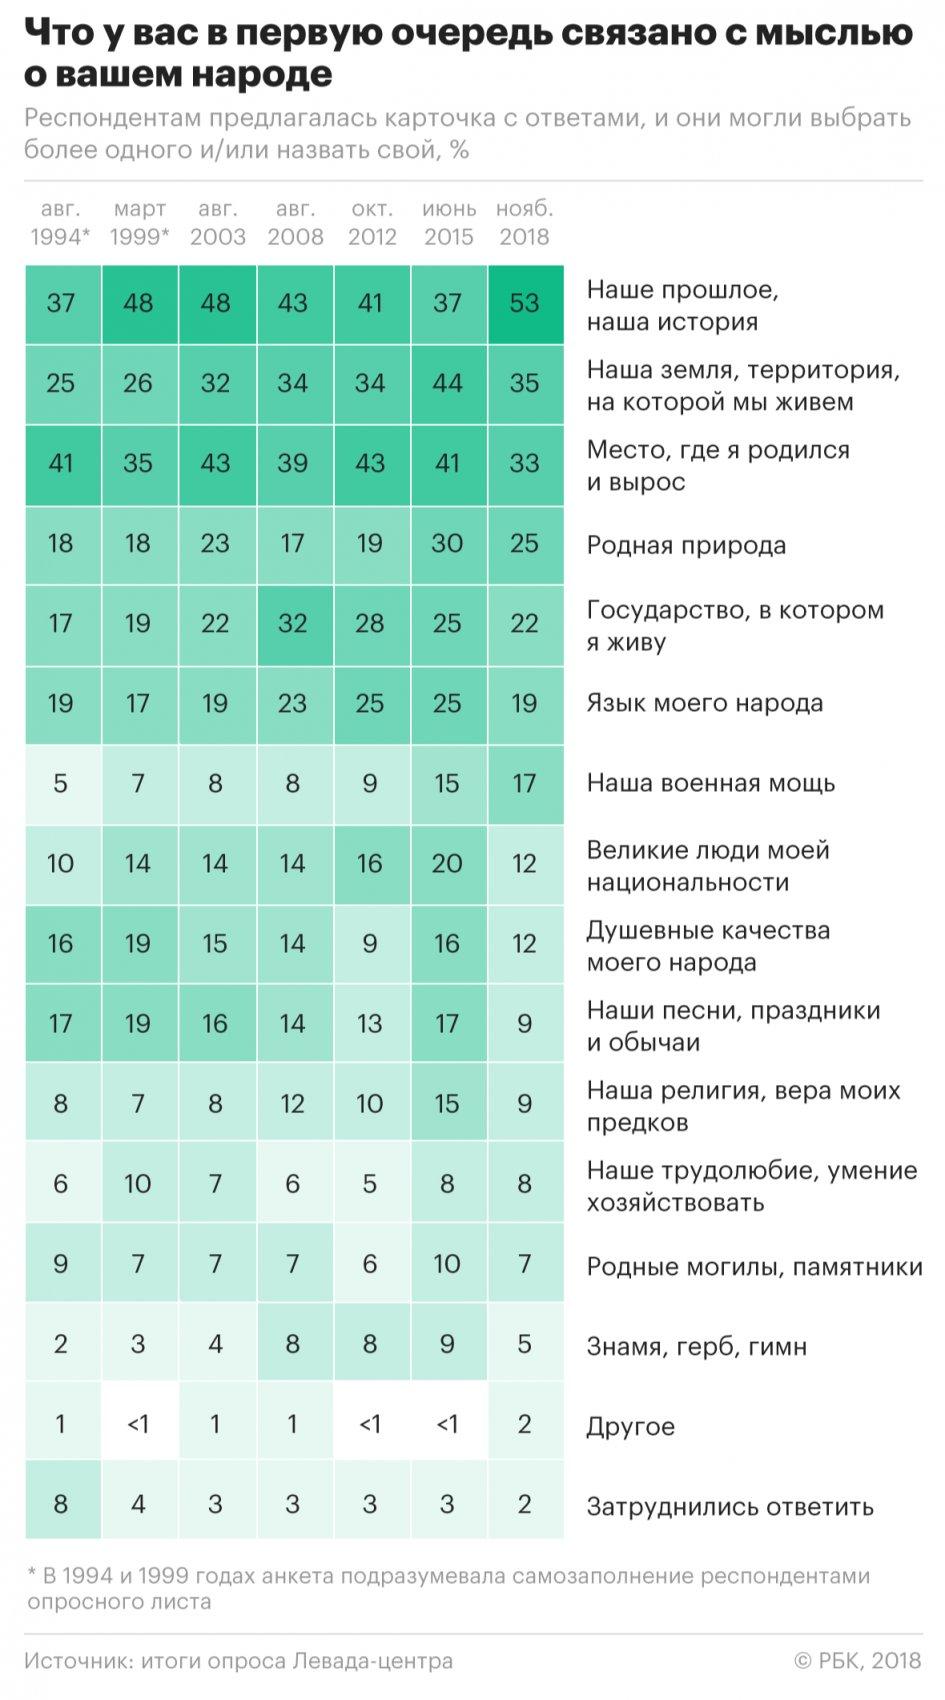 https://www.rbc.ru/politics/17/01/2019/5c3db1849a794706d8ed9ad5